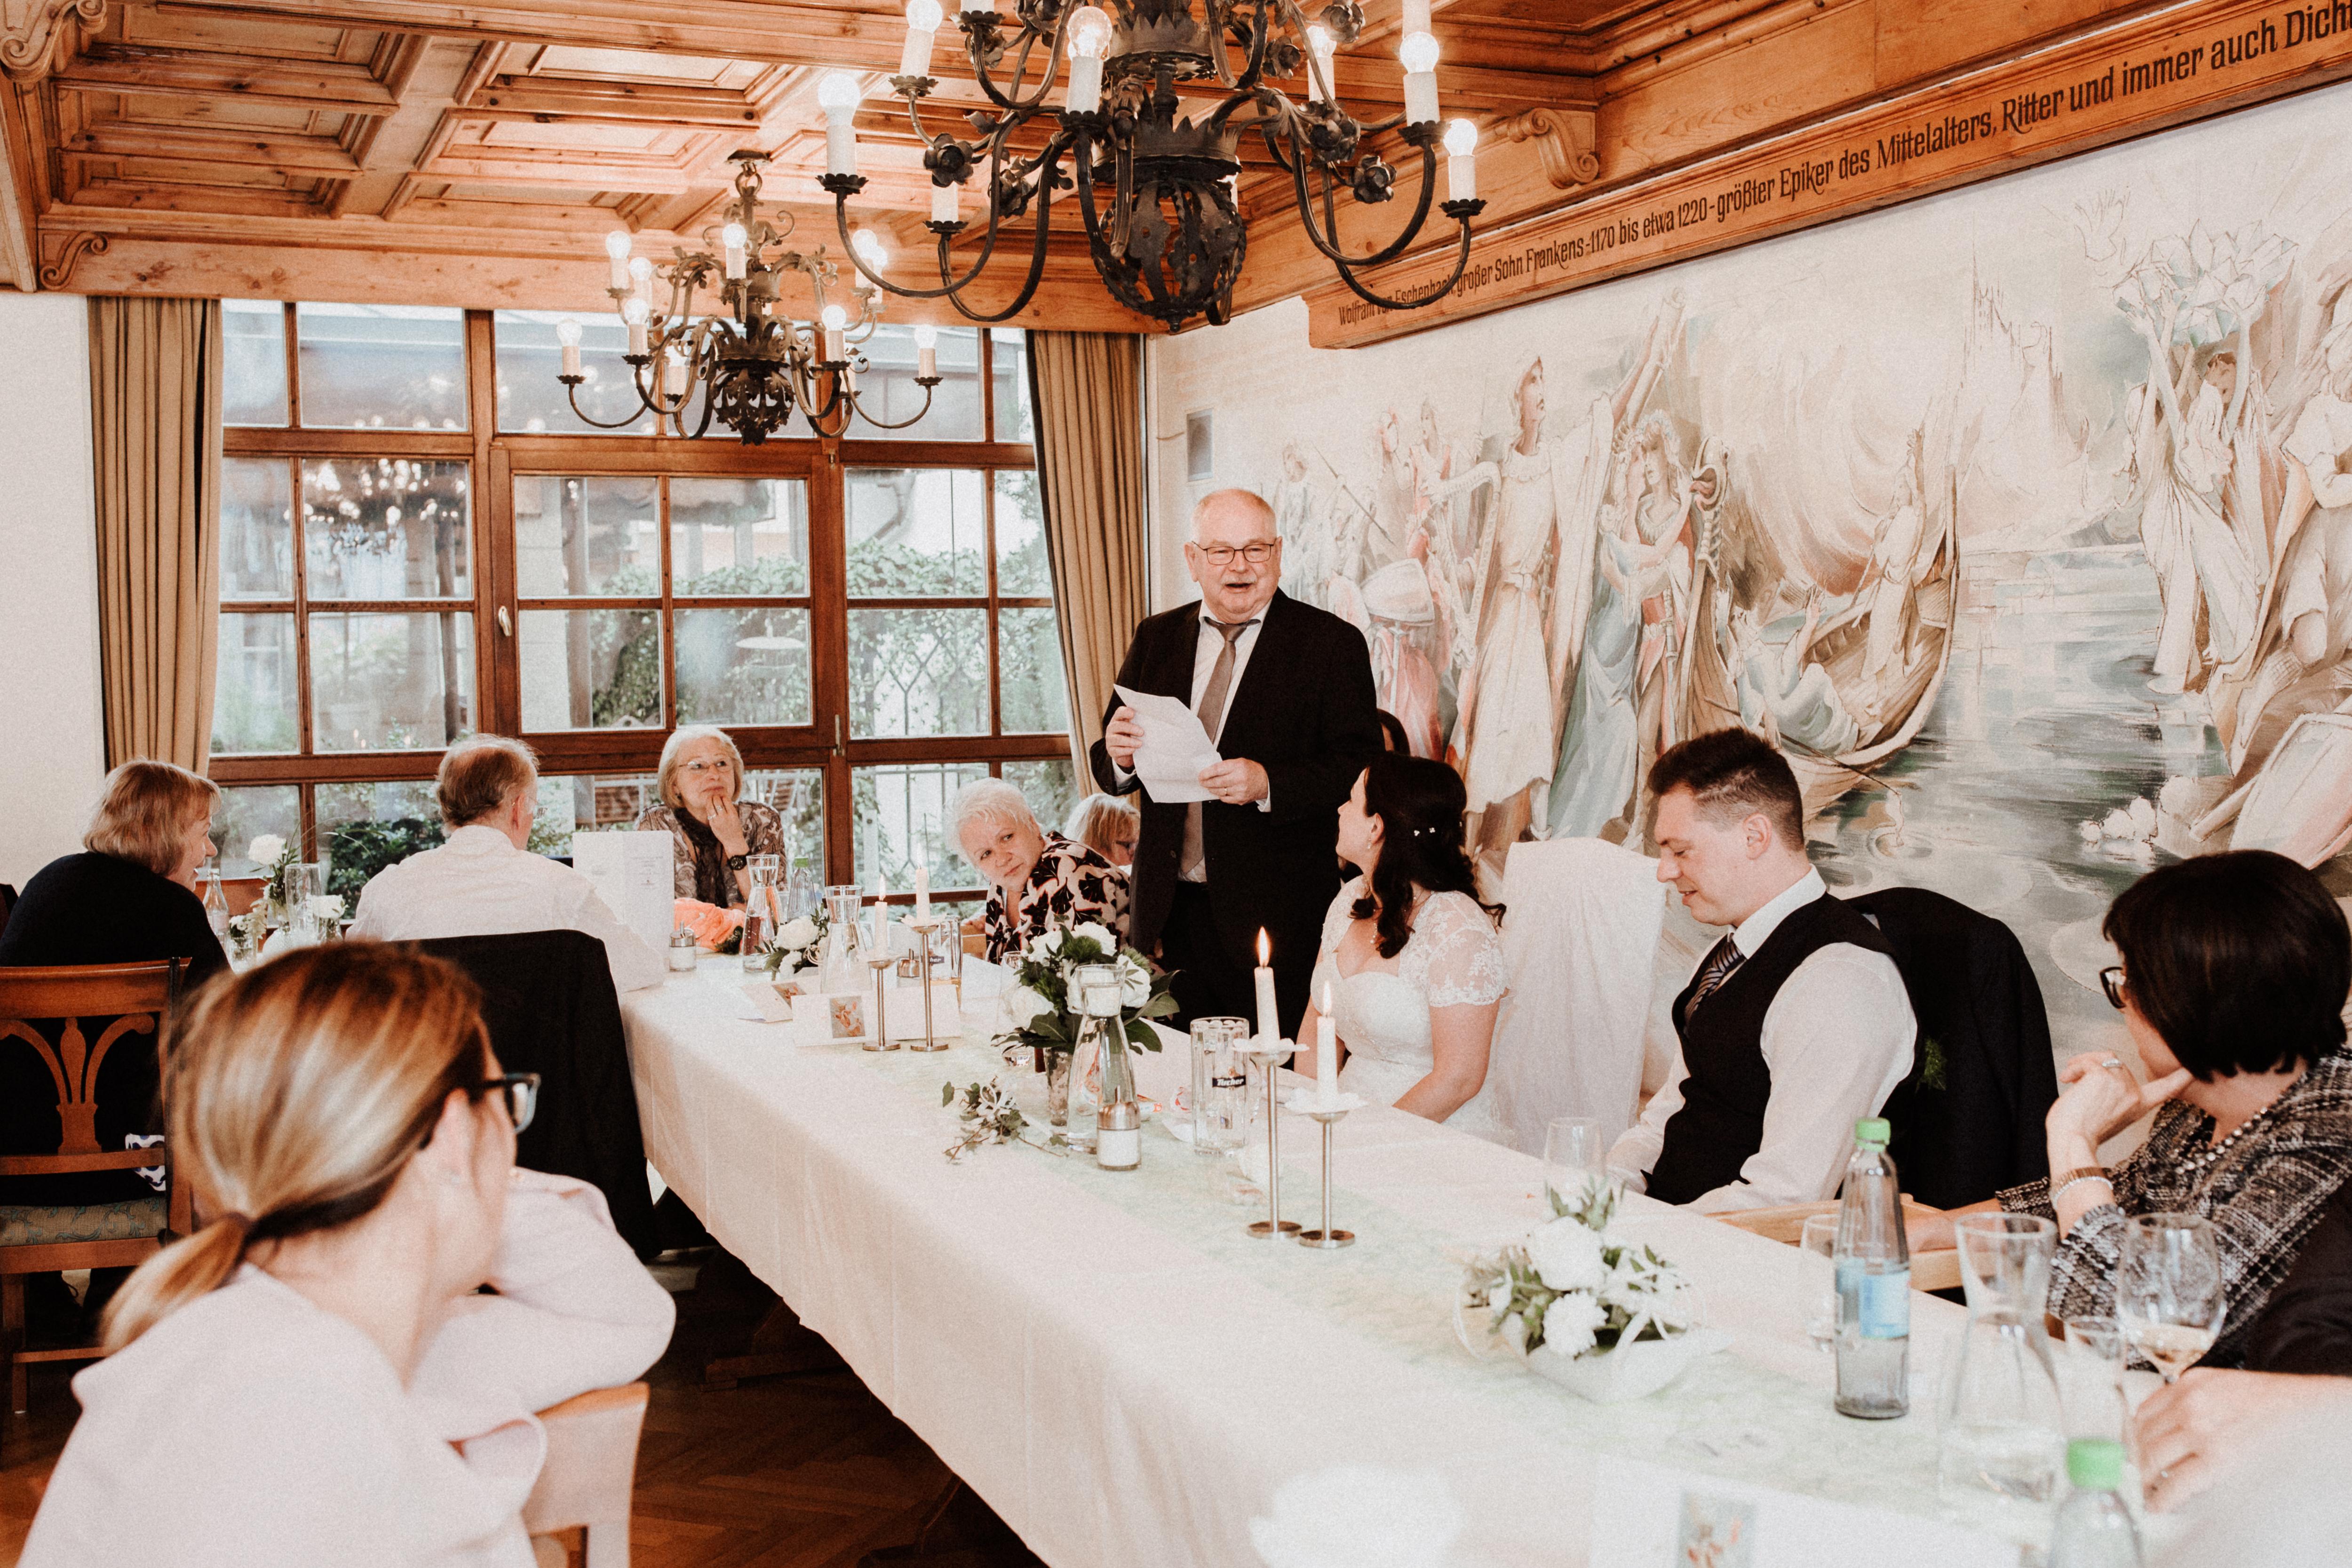 URBANERIE_Daniela_Goth_Hochzeitsfotografin_Nürnberg_Fürth_Erlangen_Schwabach_171007_1146